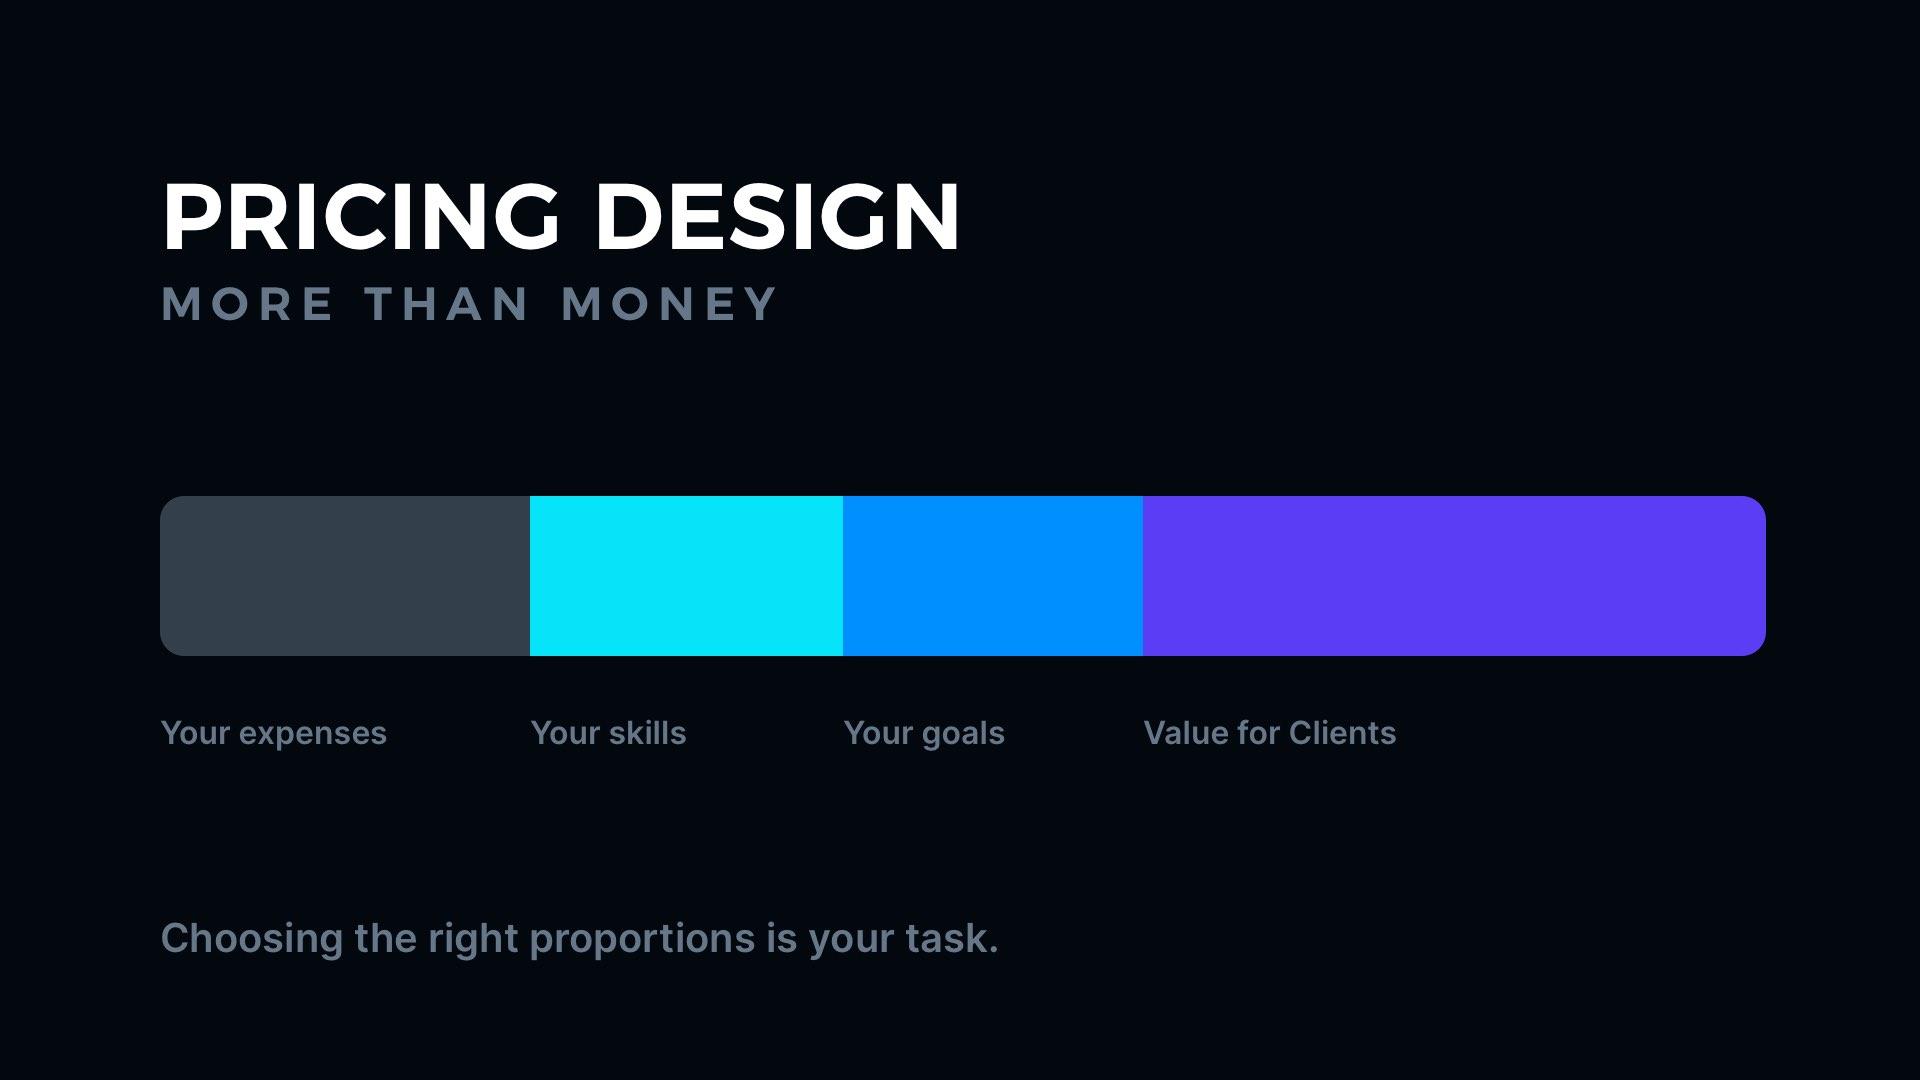 pricing design factors